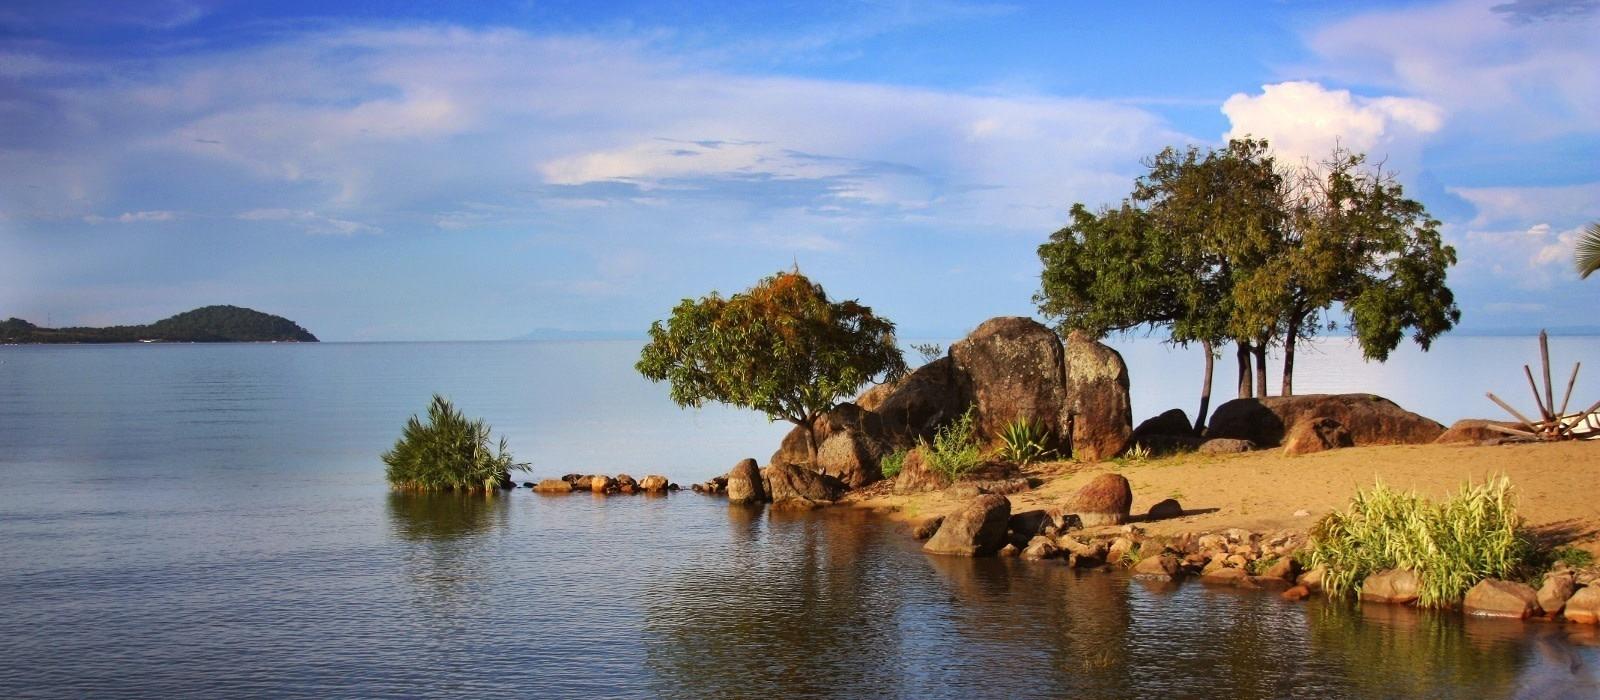 Reiseziel Malawisee – Nördliches Seeufer Malawi